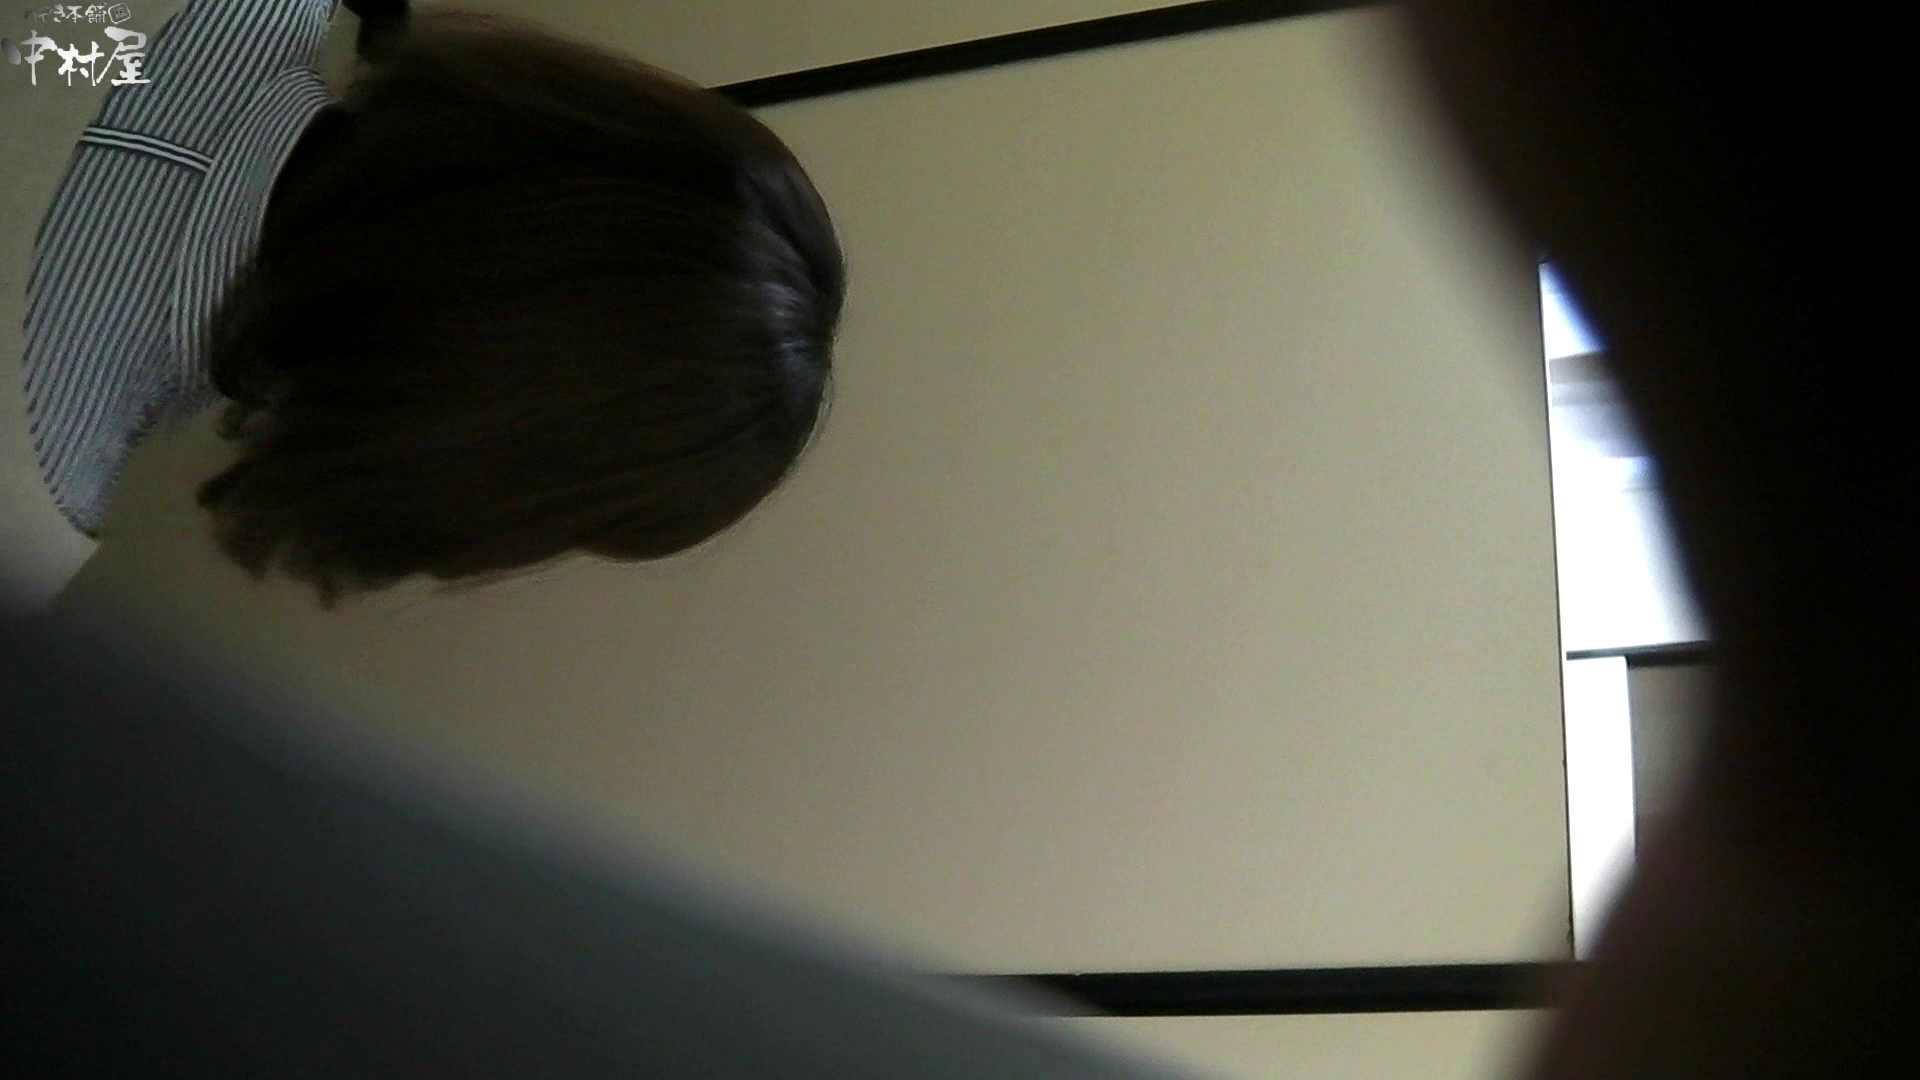 お市さんの「お尻丸出しジャンボリー」No.03 マンコ・ムレムレ ワレメ動画紹介 107pic 81